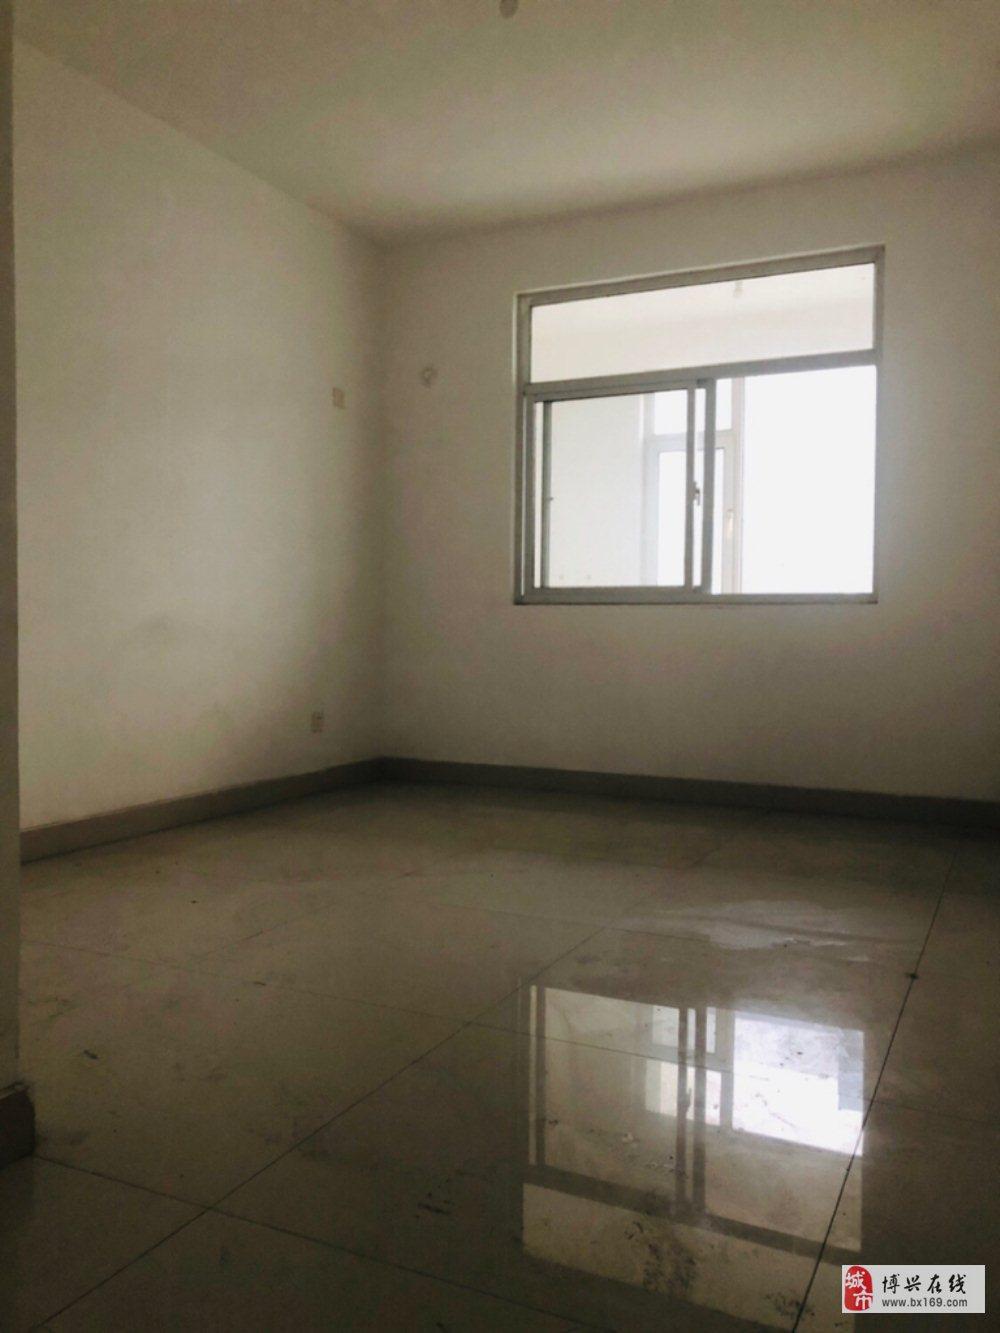 5605花园新城3室2厅2卫198万元